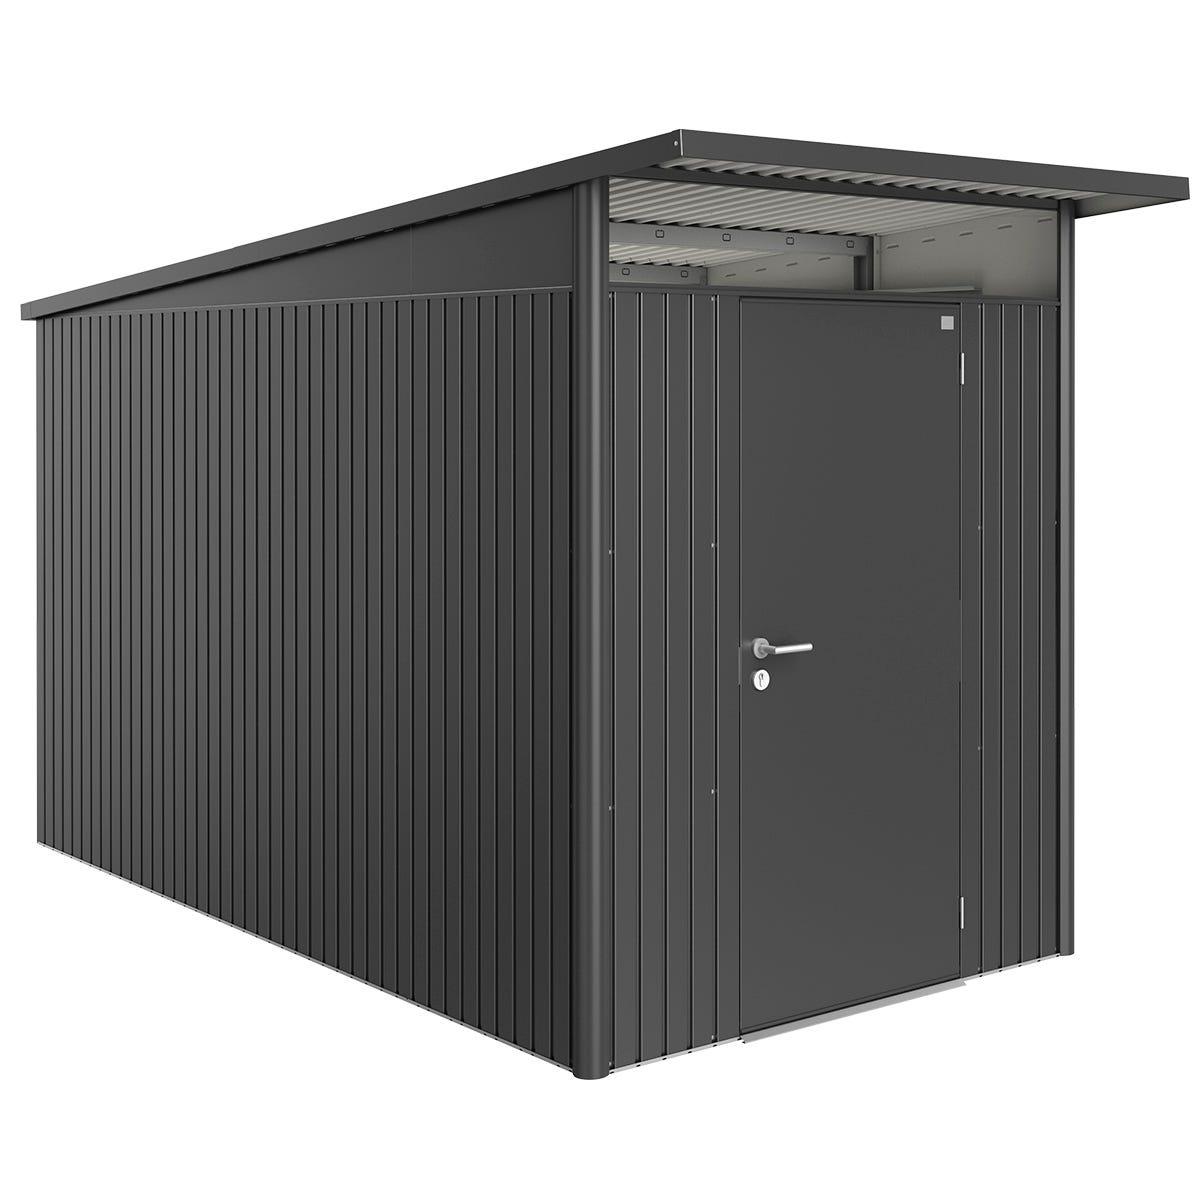 Biohort AvantGarde Metal Shed A4 Standard door 5' 9' x 12' 4'' - Dark Grey